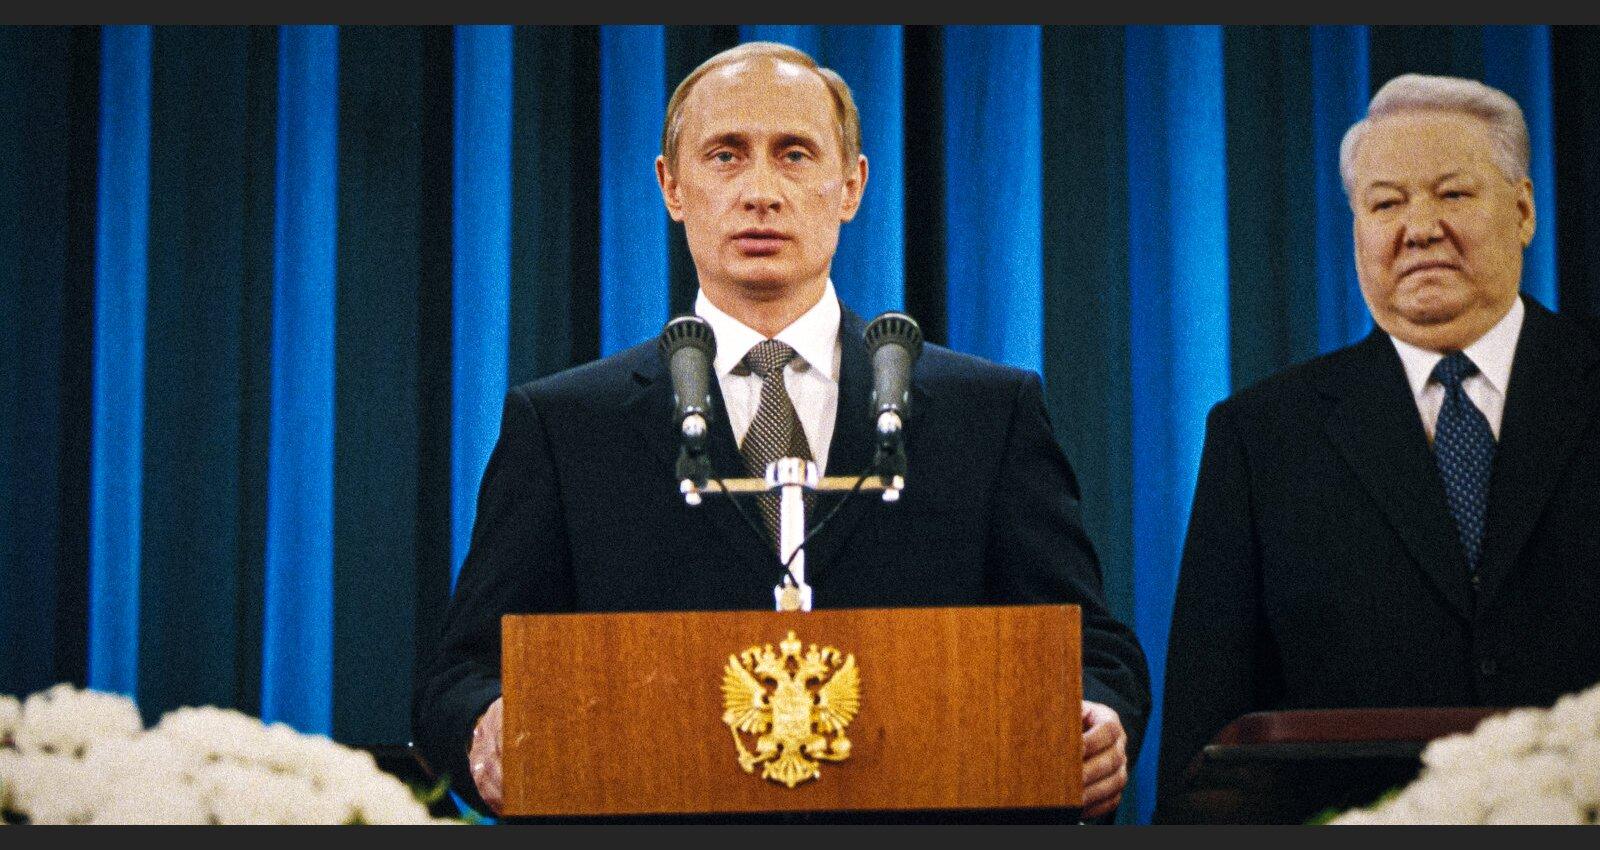 Artēmijs Troickis par Putina ēru: 'Divdesmit gadu kā murgs'